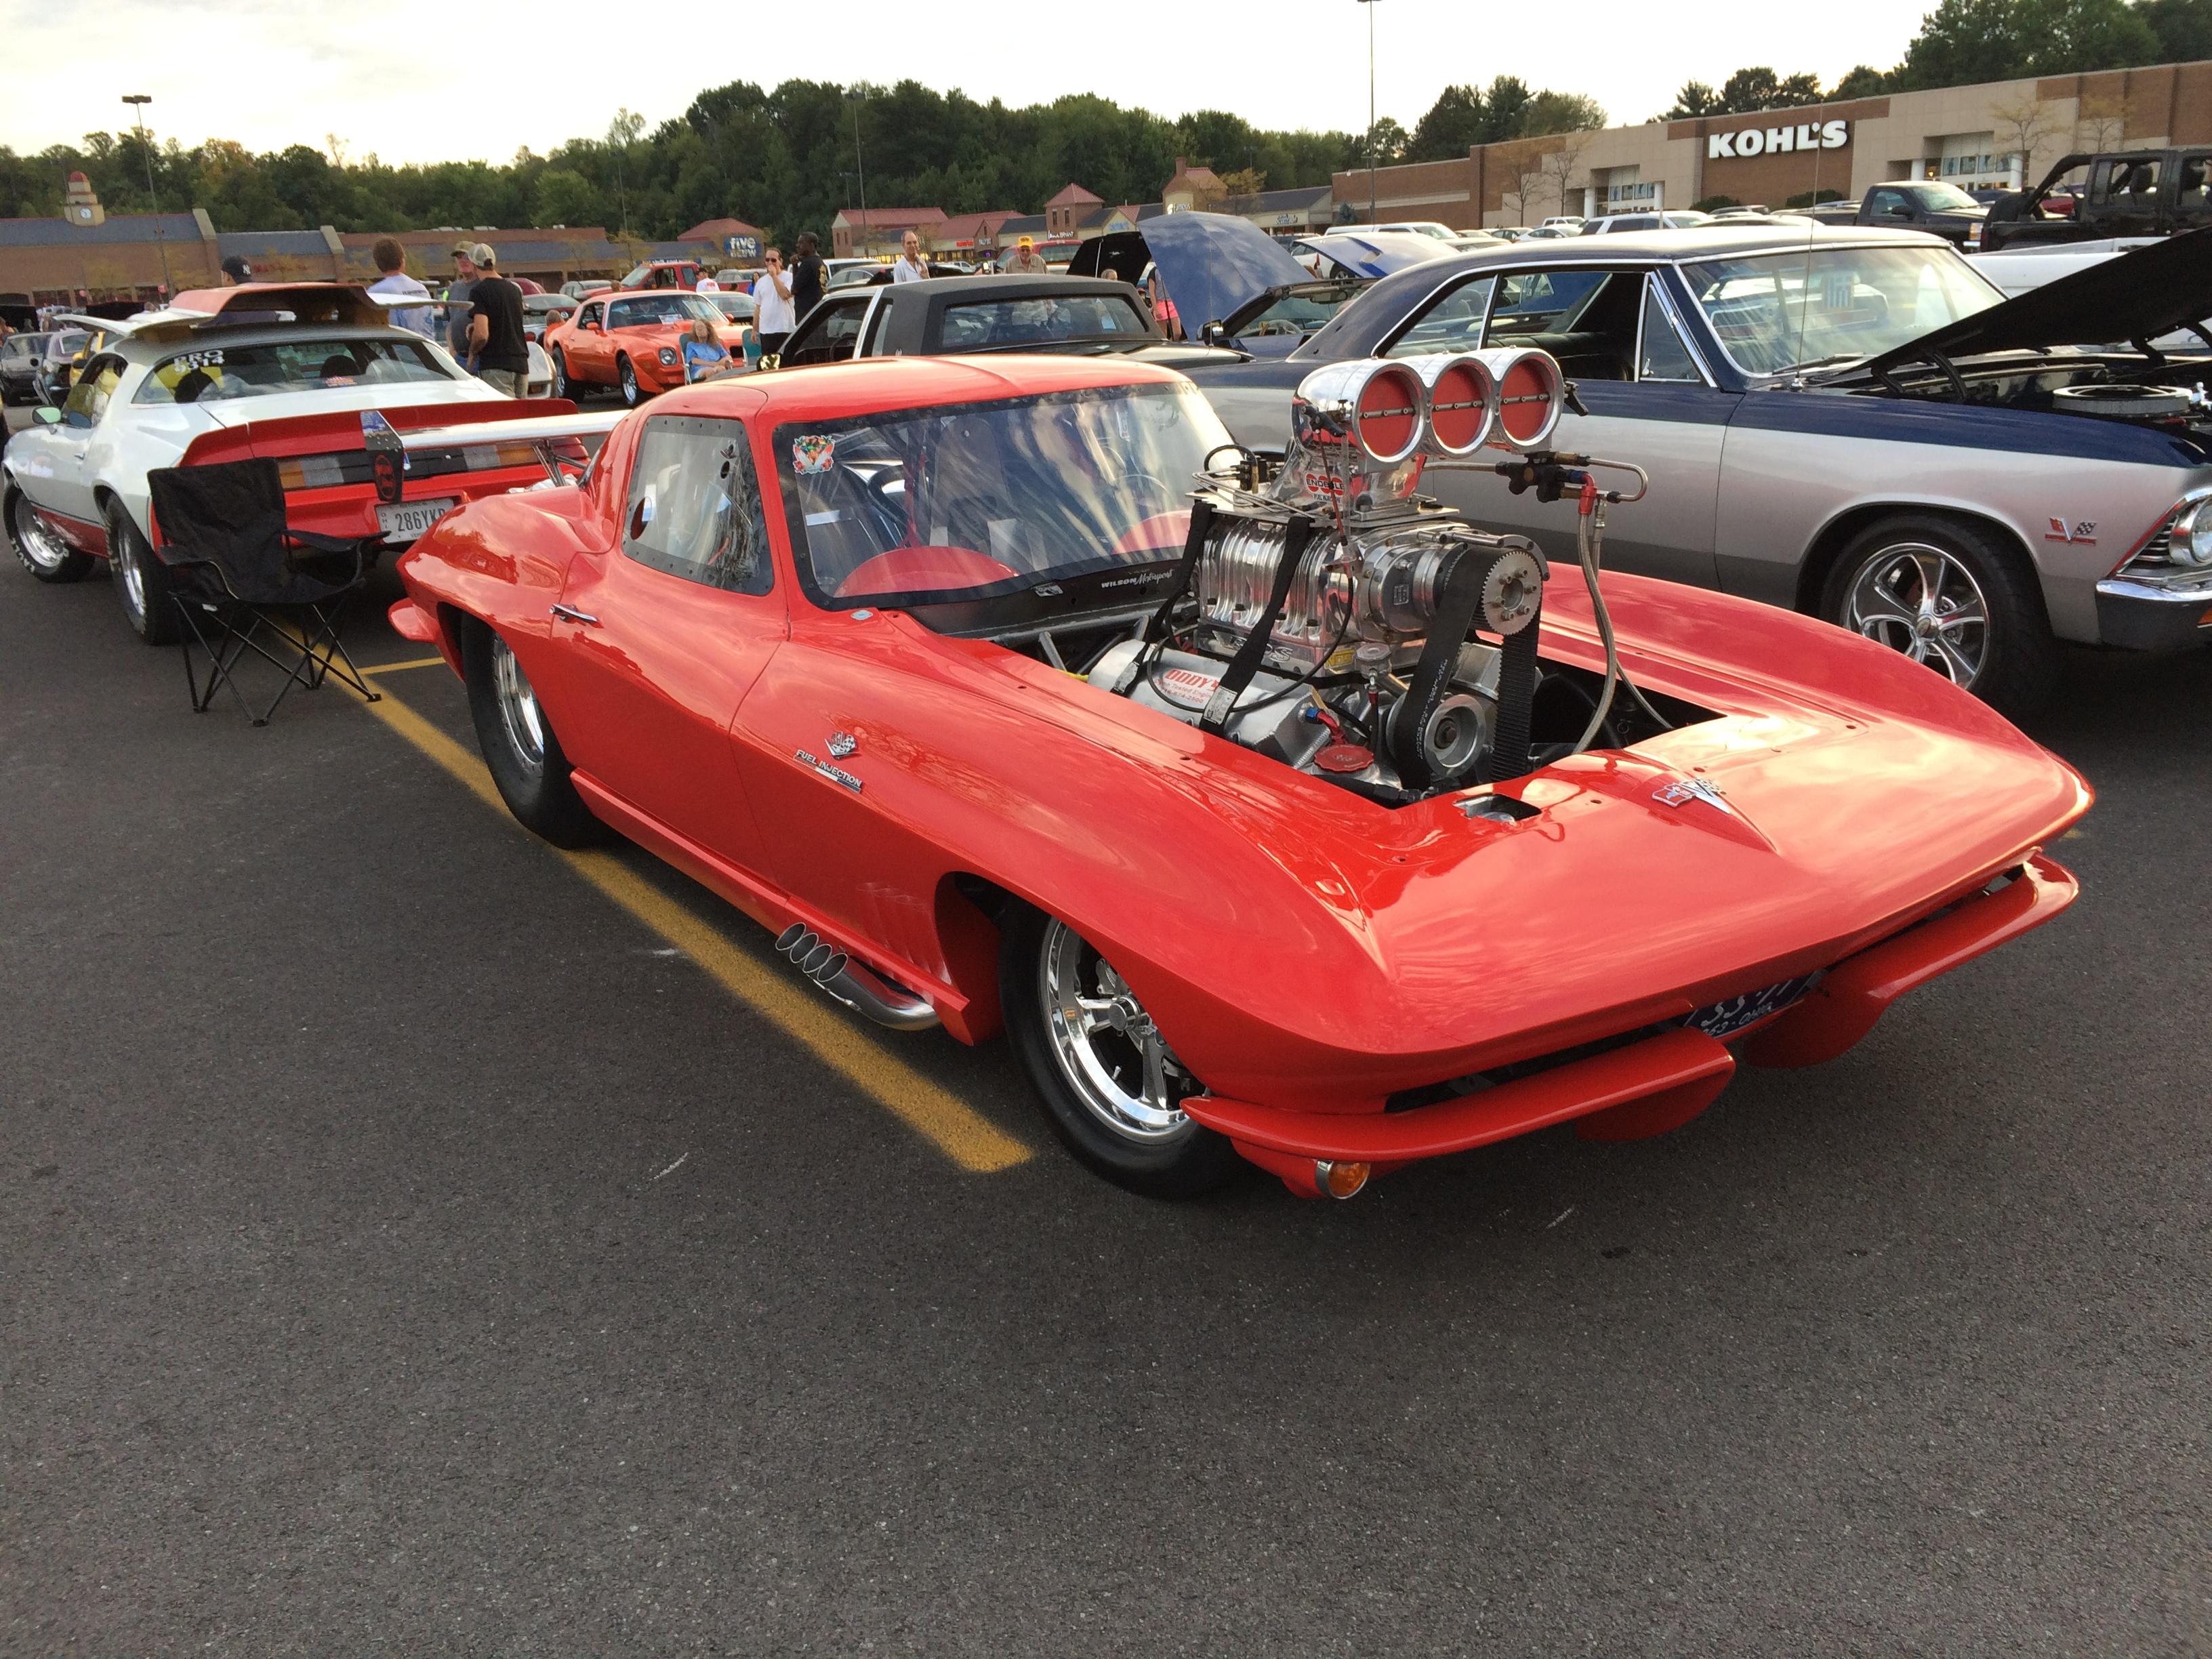 1963 blown corvette split window coupe 1 1 car reference for 1963 corvette split window model car